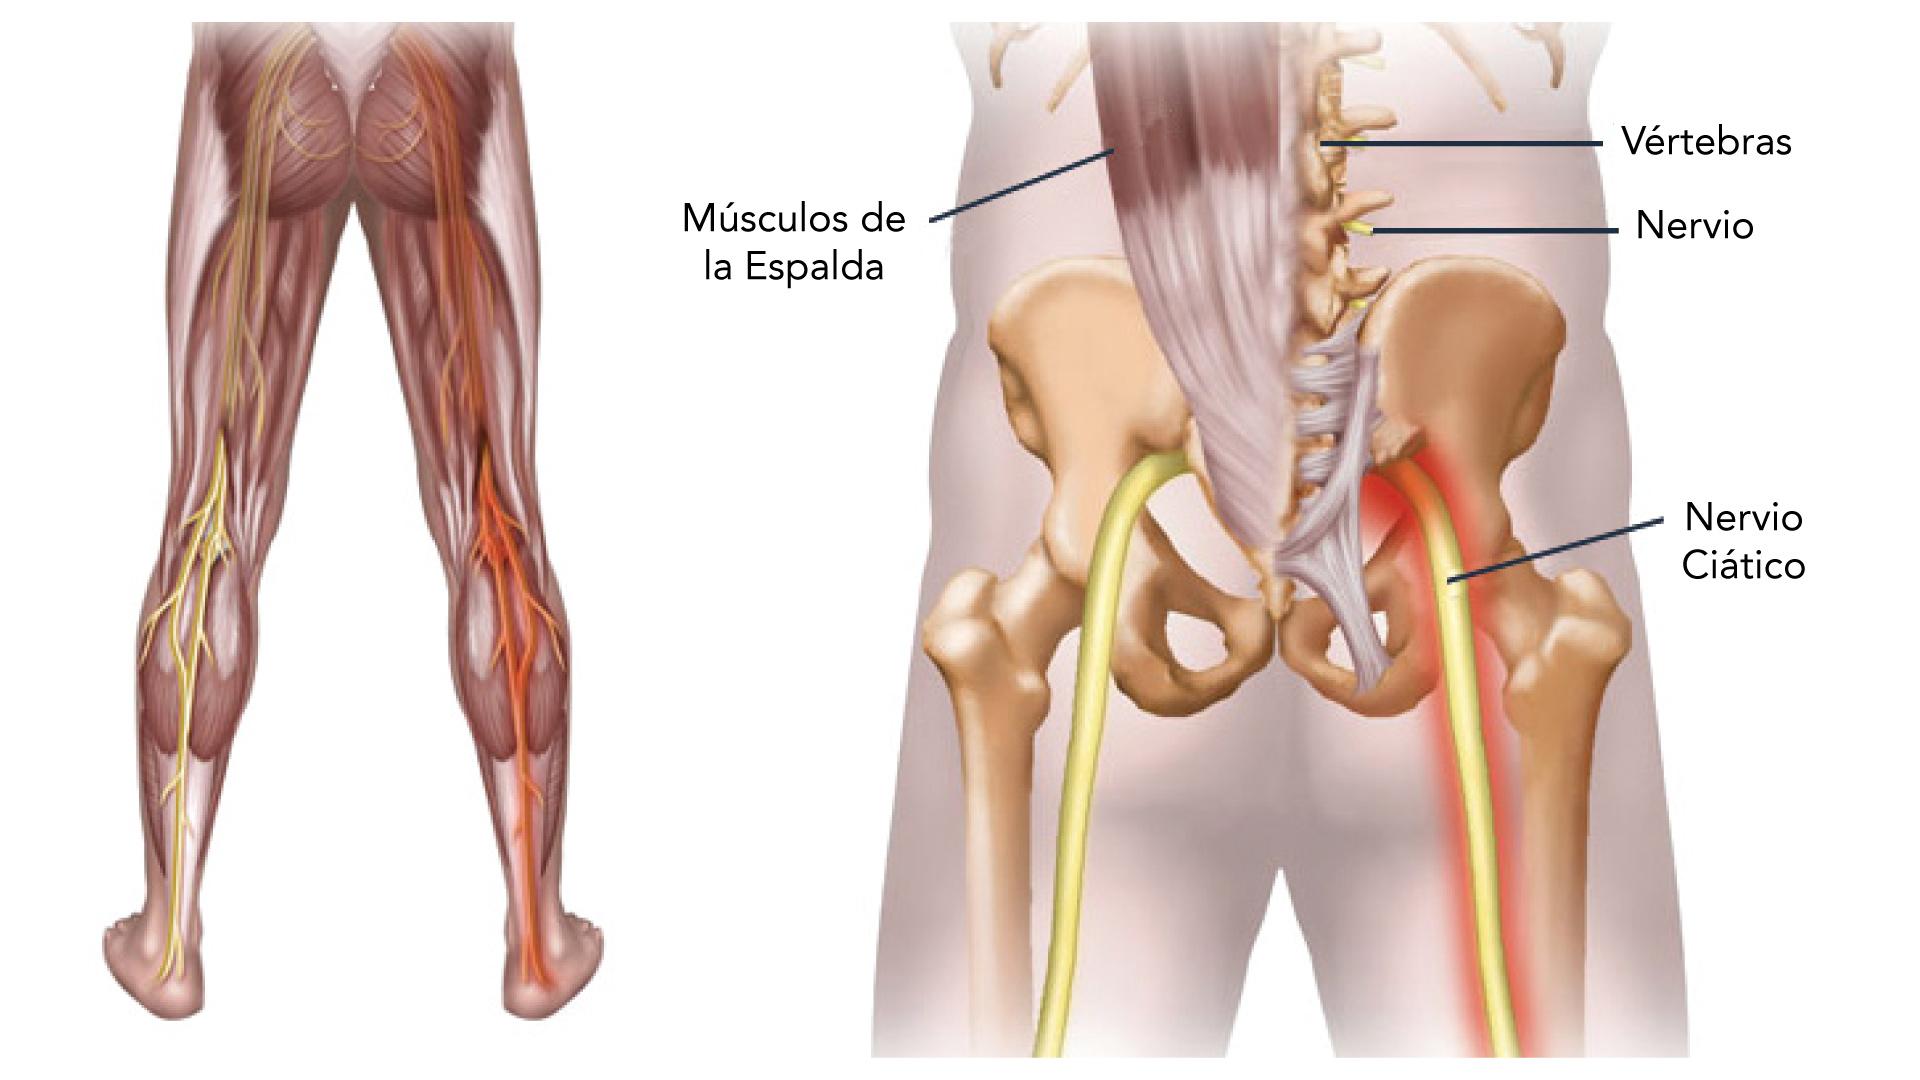 de qué lado corre el nervio ciático